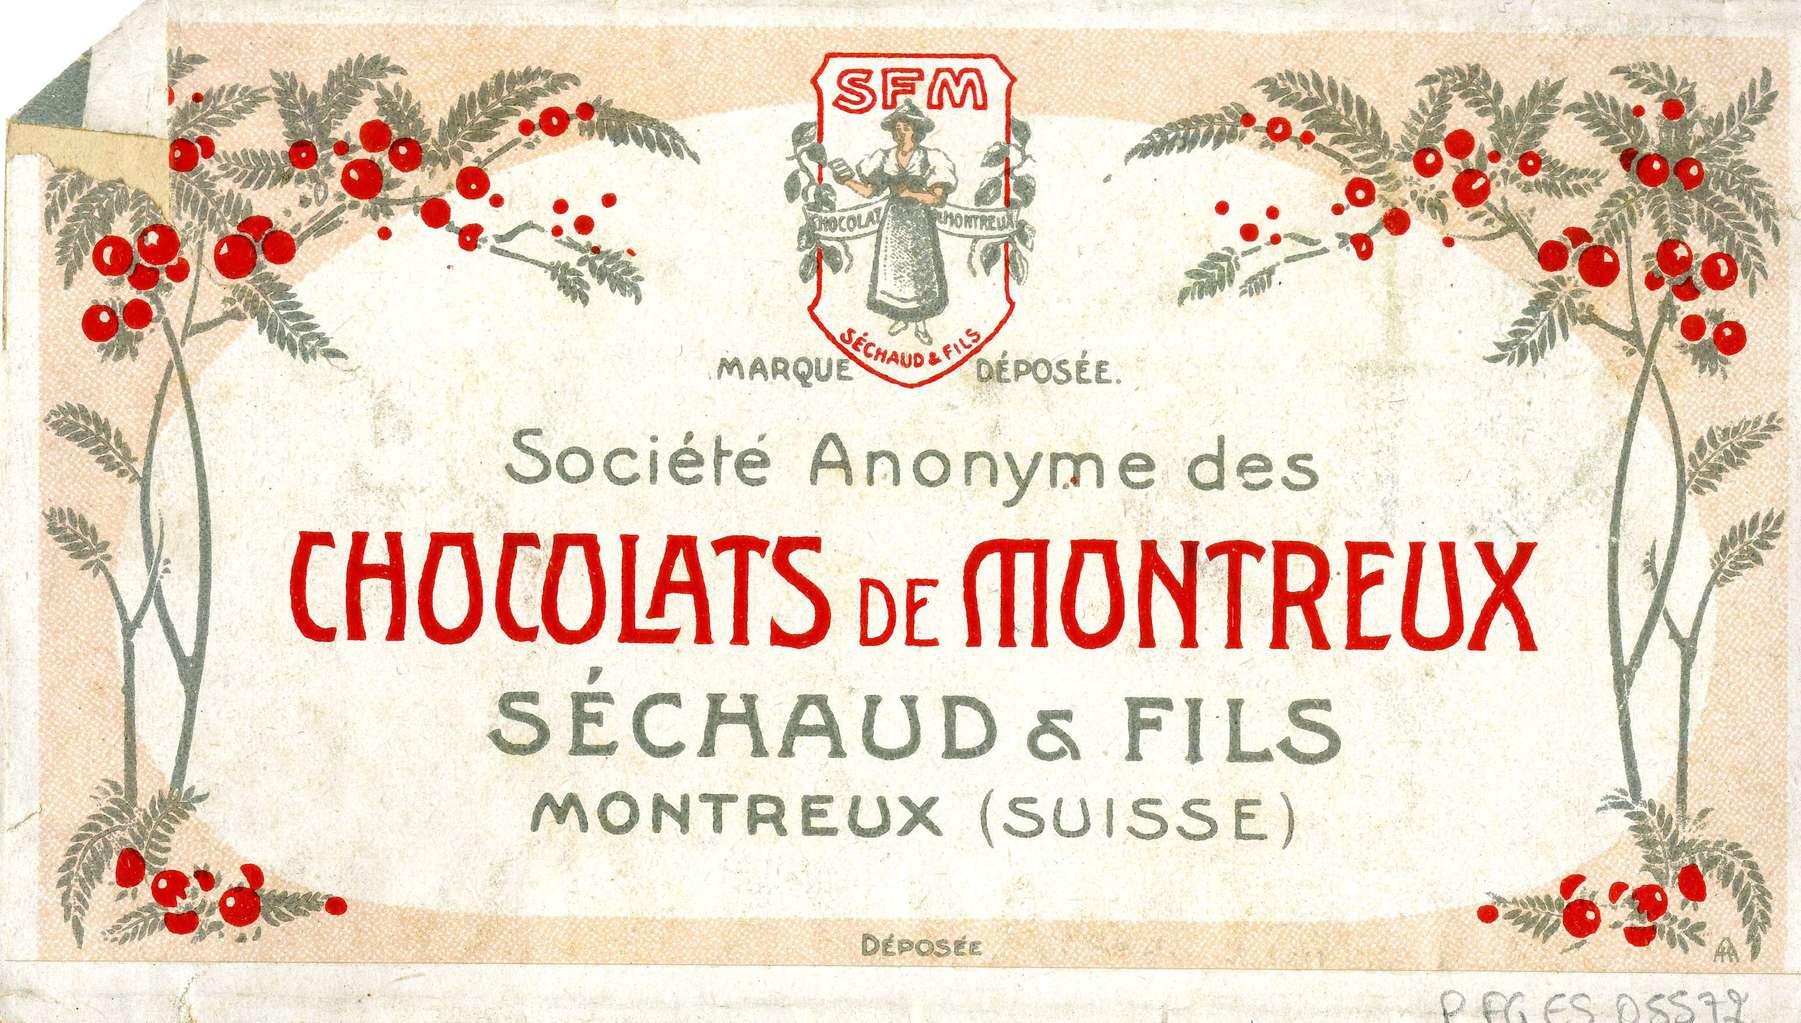 Contenu du Société anonyme des chocolats de Montreux